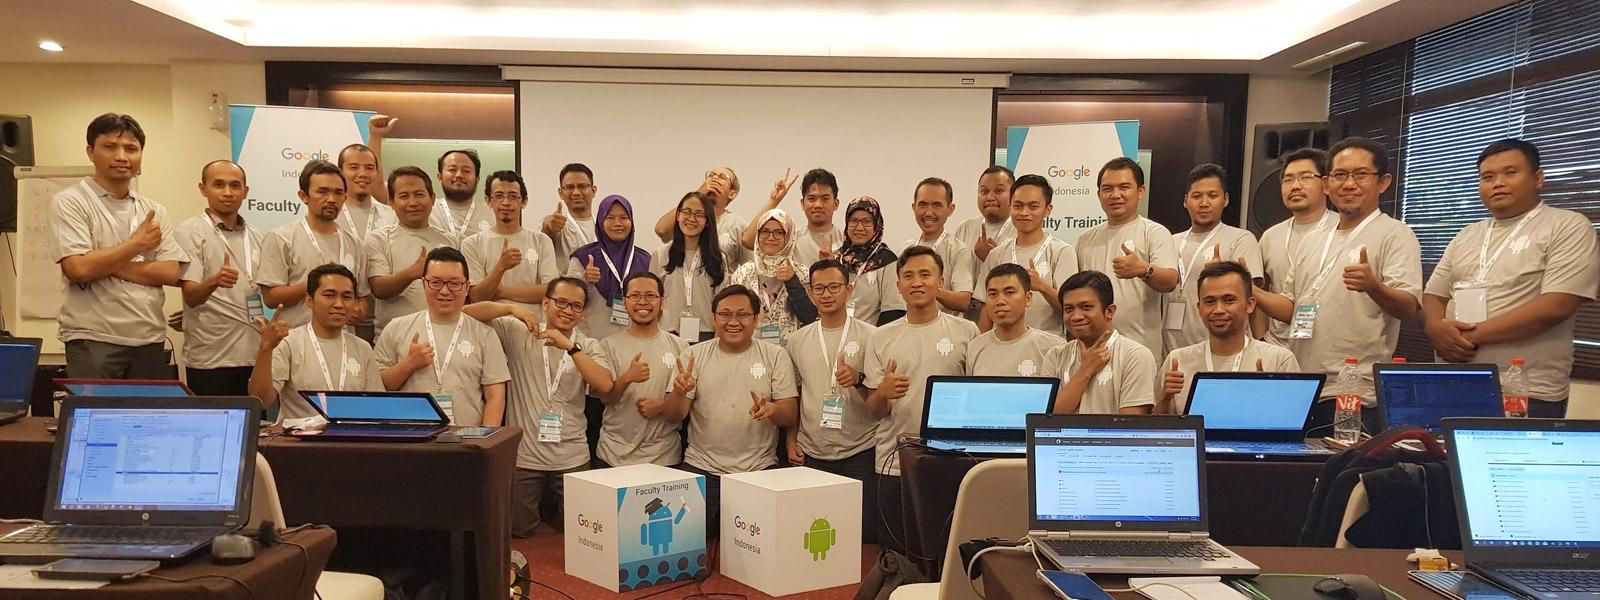 Para peserta Beasiswa Google Faculty Training Batch 3 menyempatkan diri melaksanakan Group Photo di tengah kesibukan hari ke-2